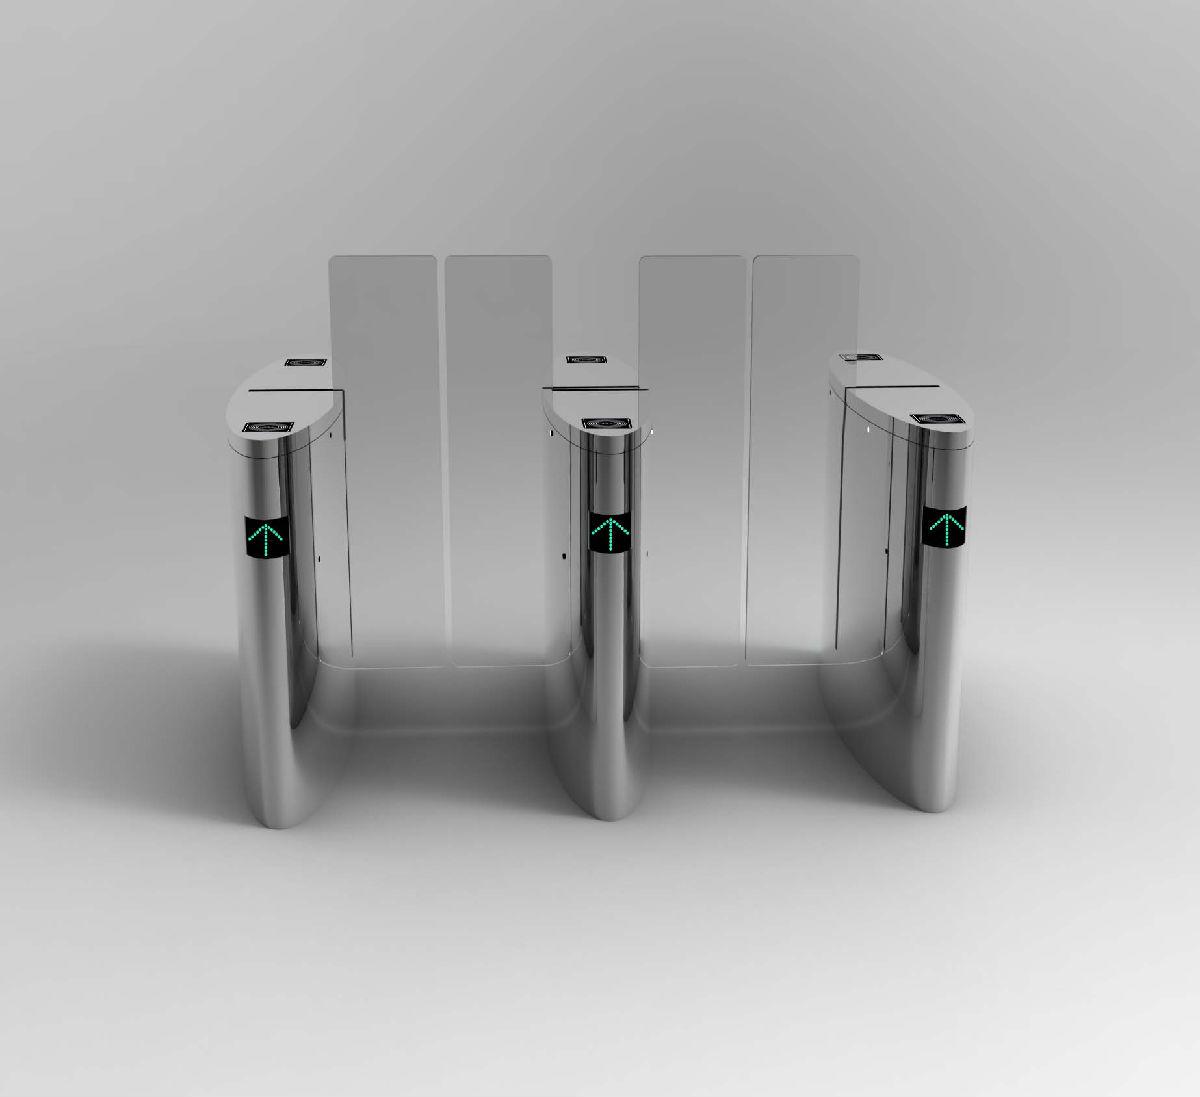 平移闸控制器|闸机控制主板|通道闸机控制器|进出双向刷卡